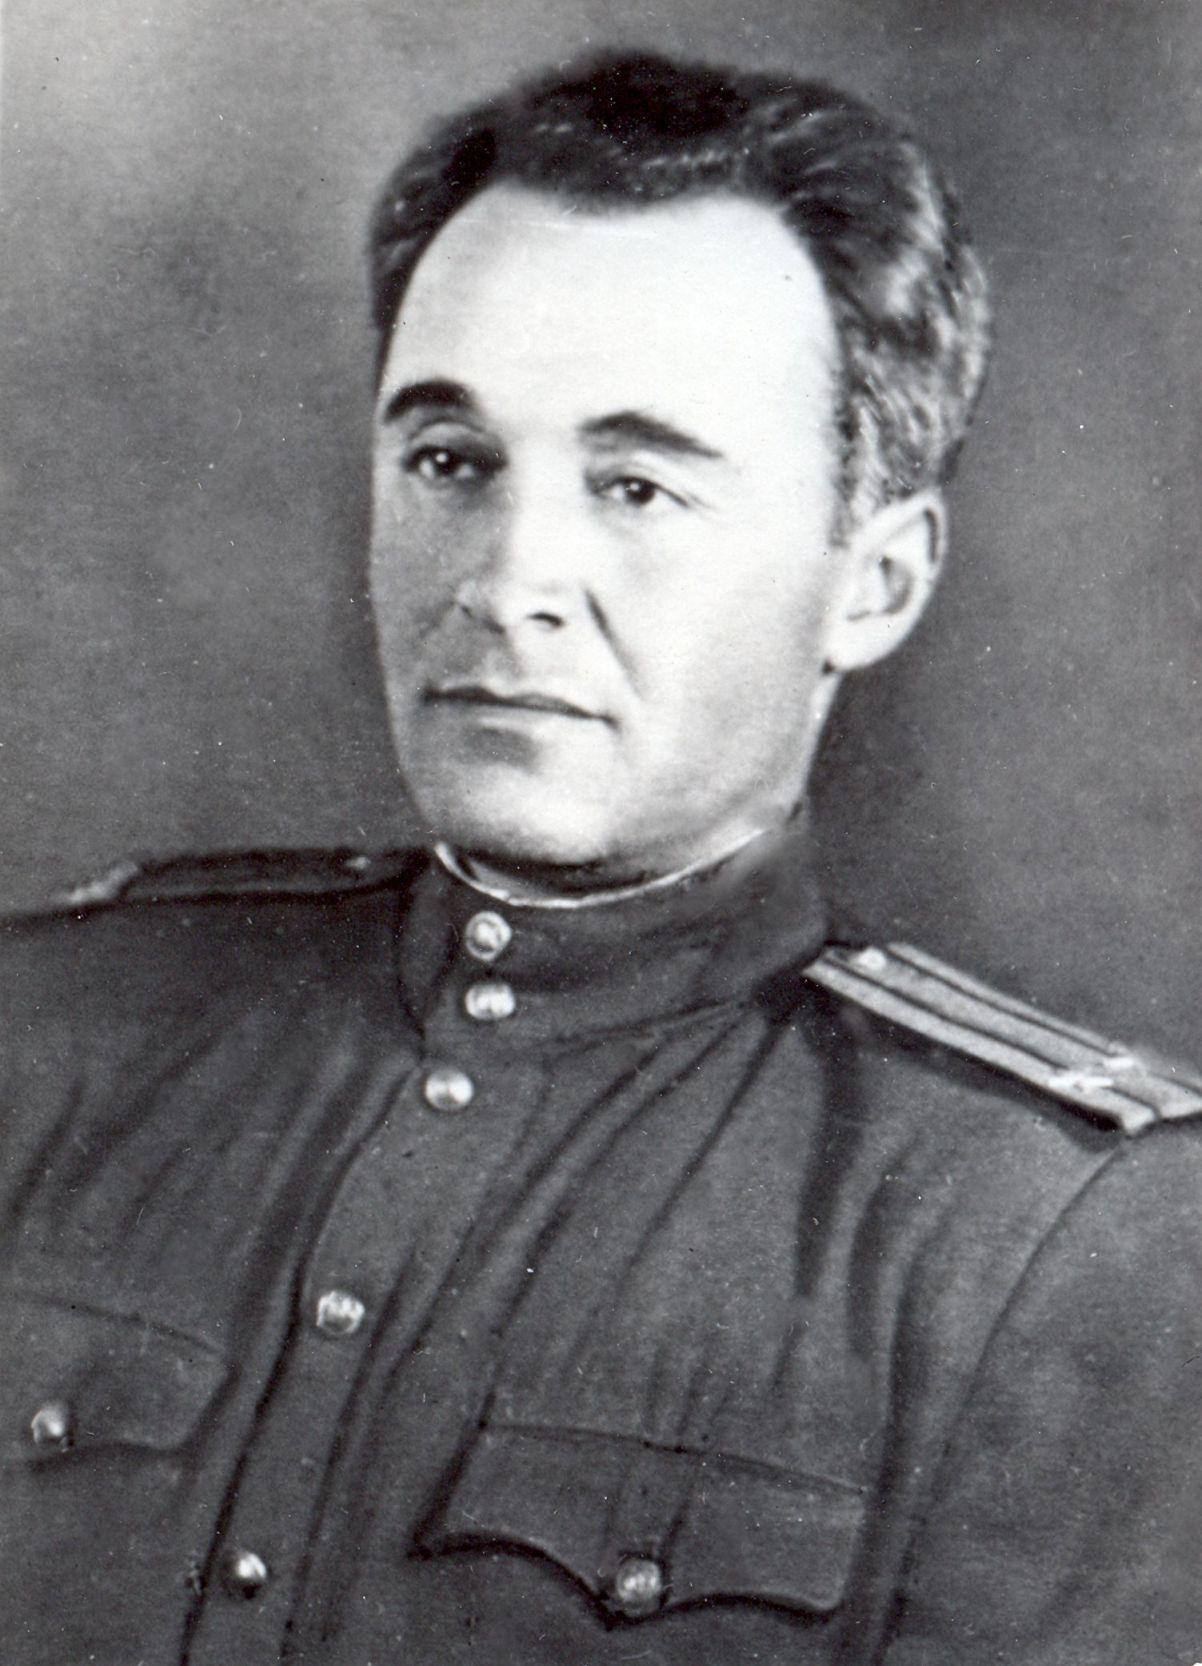 Б. Г. Кузнецов, 1944 (1945?) г.